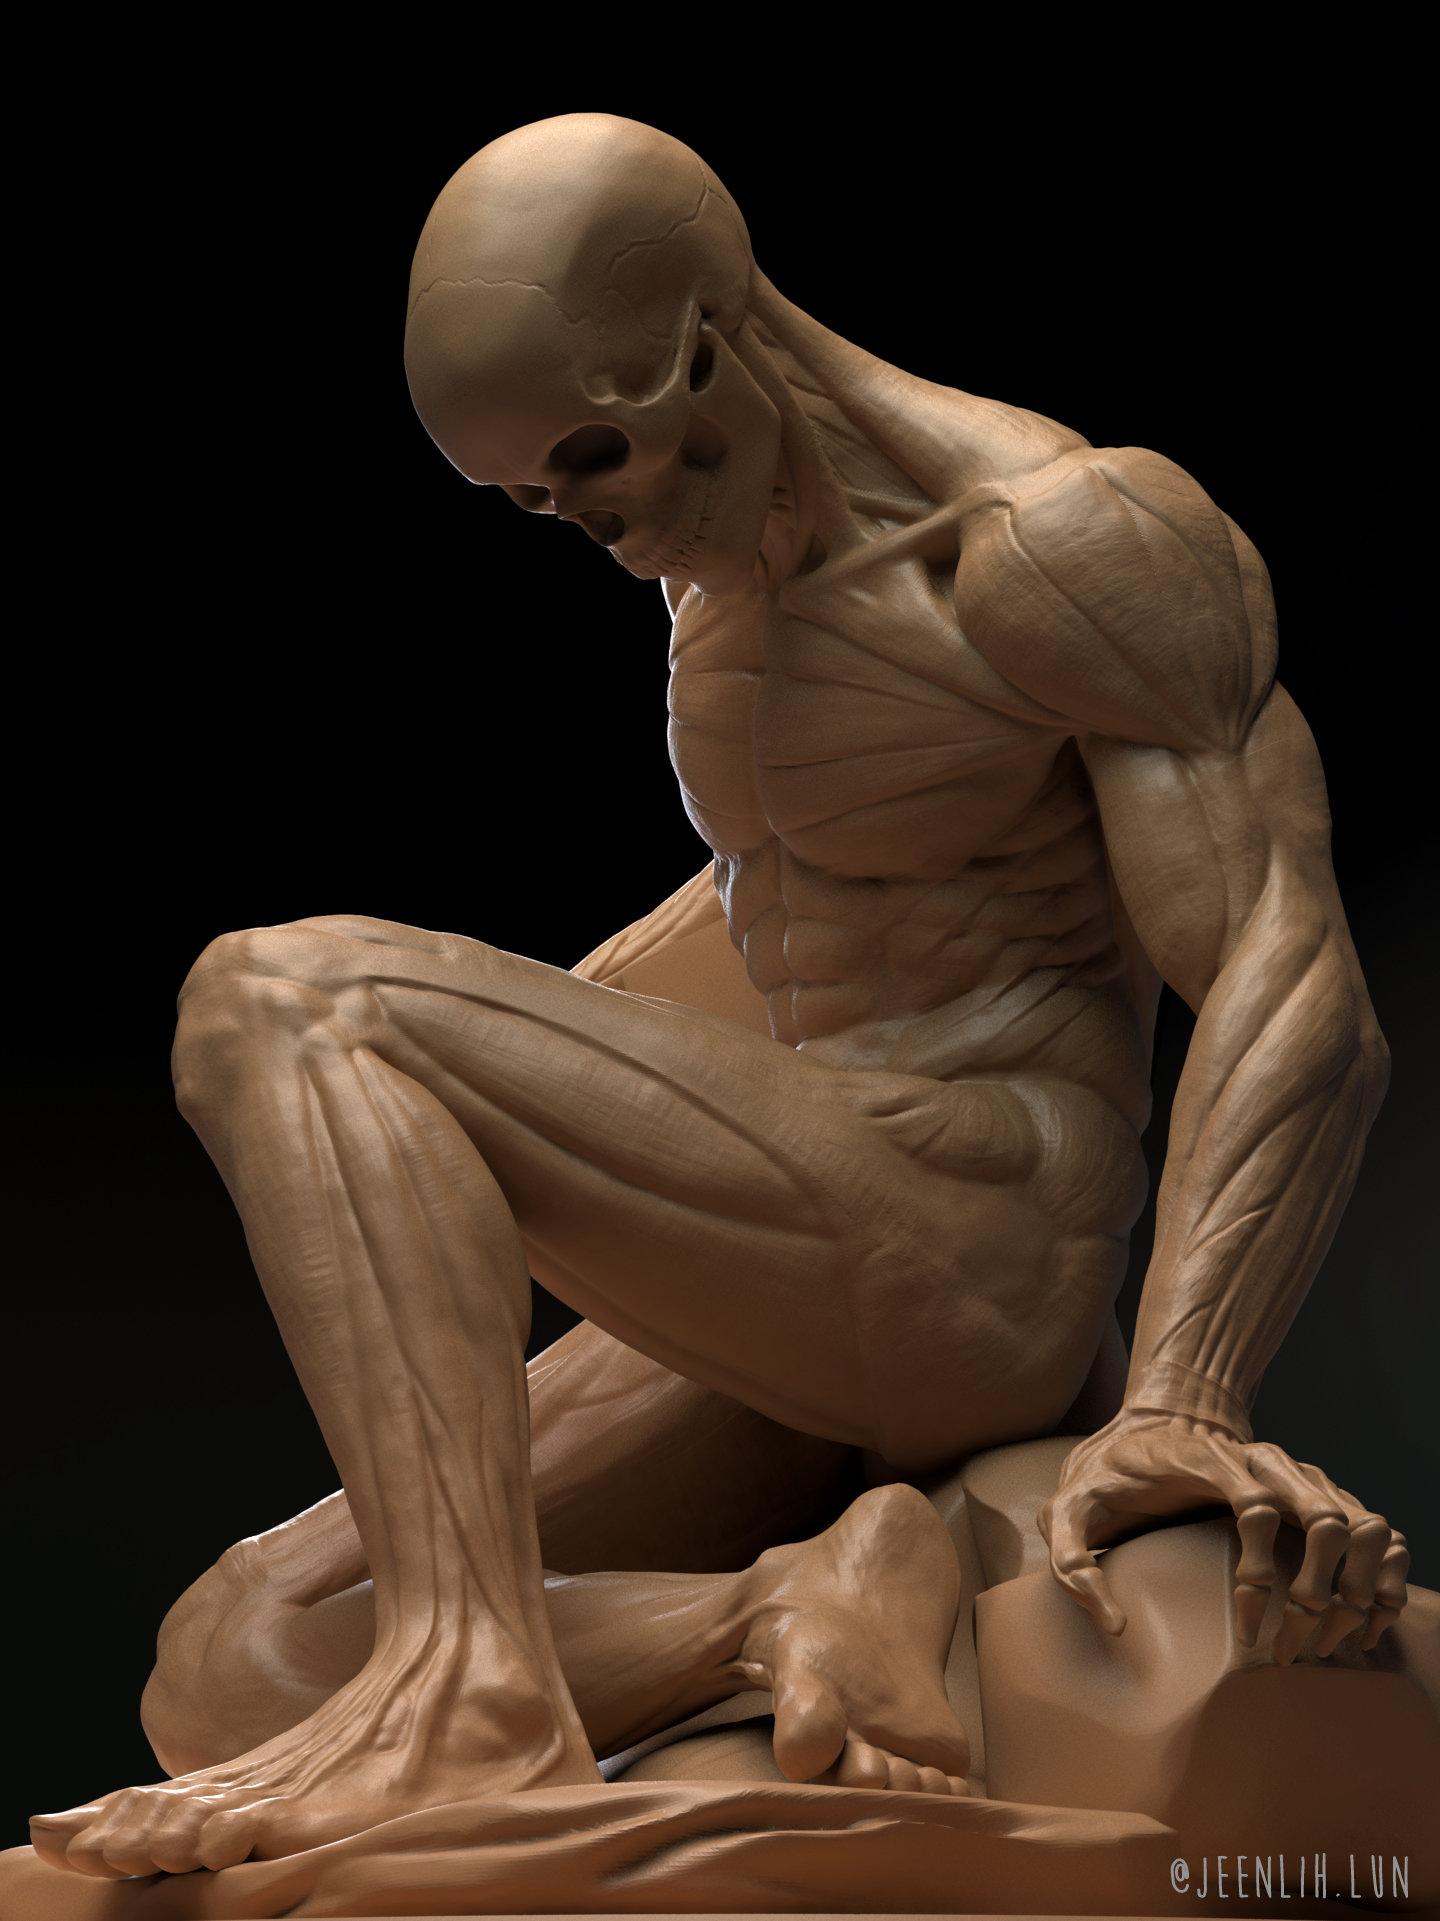 Jeen lih lun anatomy closeup